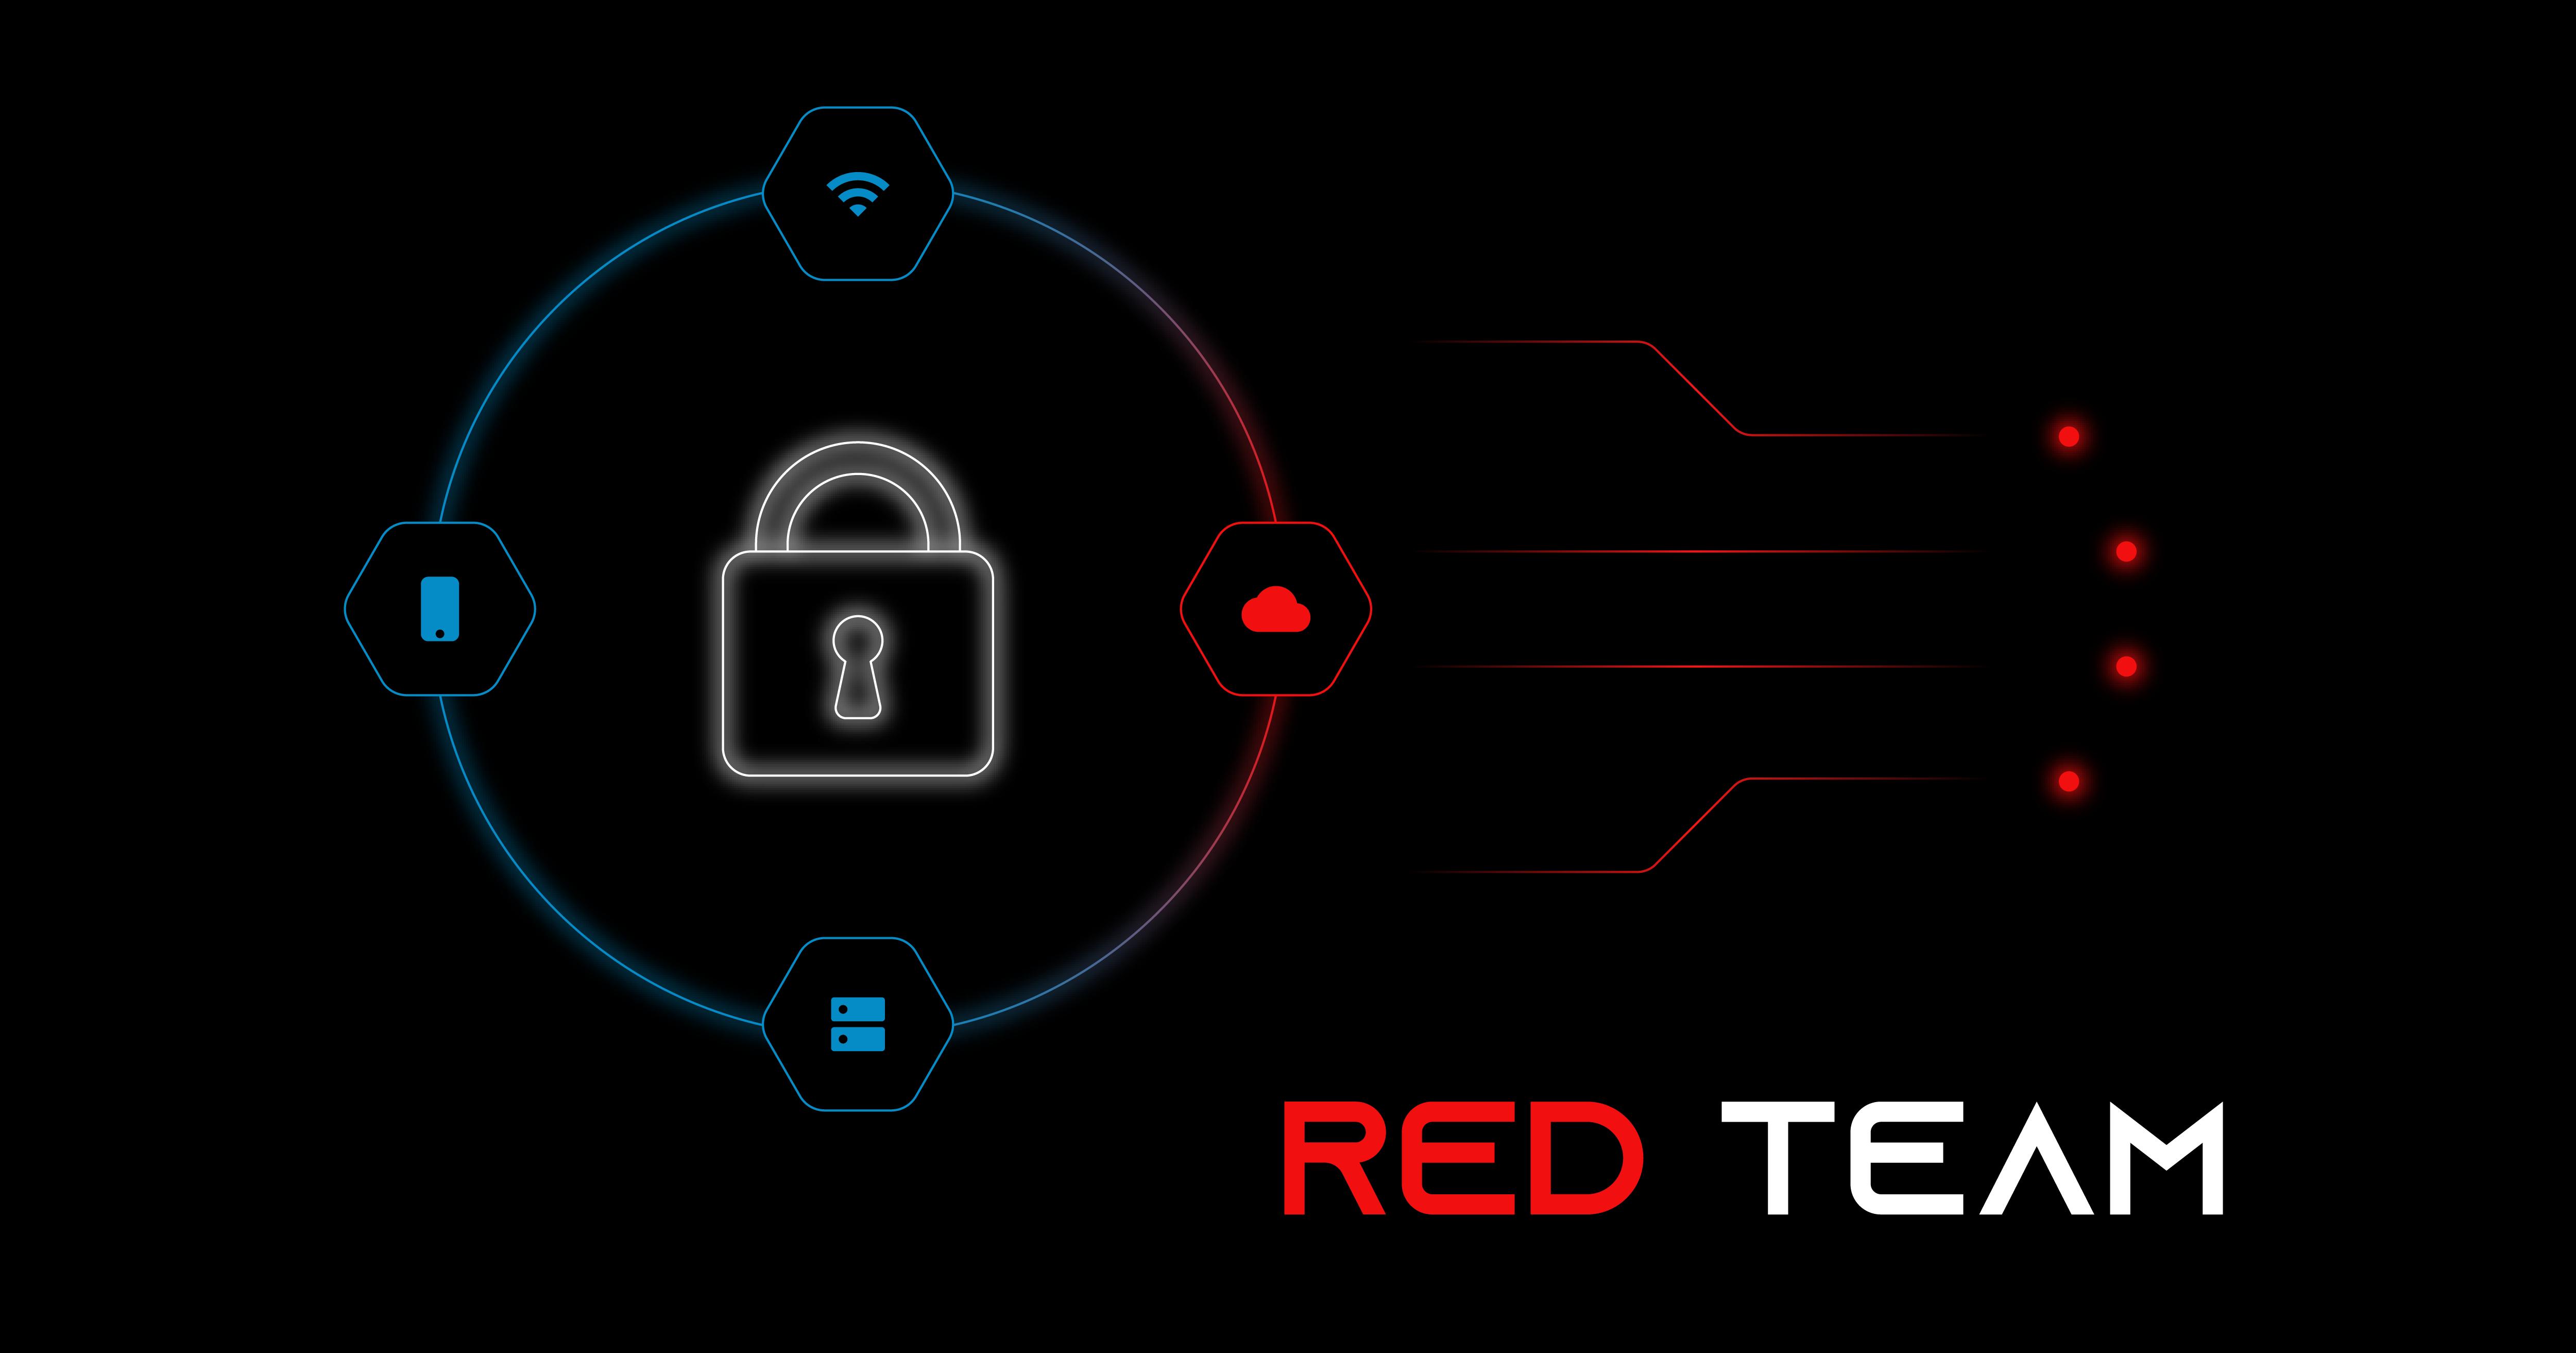 تیم قرمز چیست و چگونه متخصص تیم قرمز شویم؟